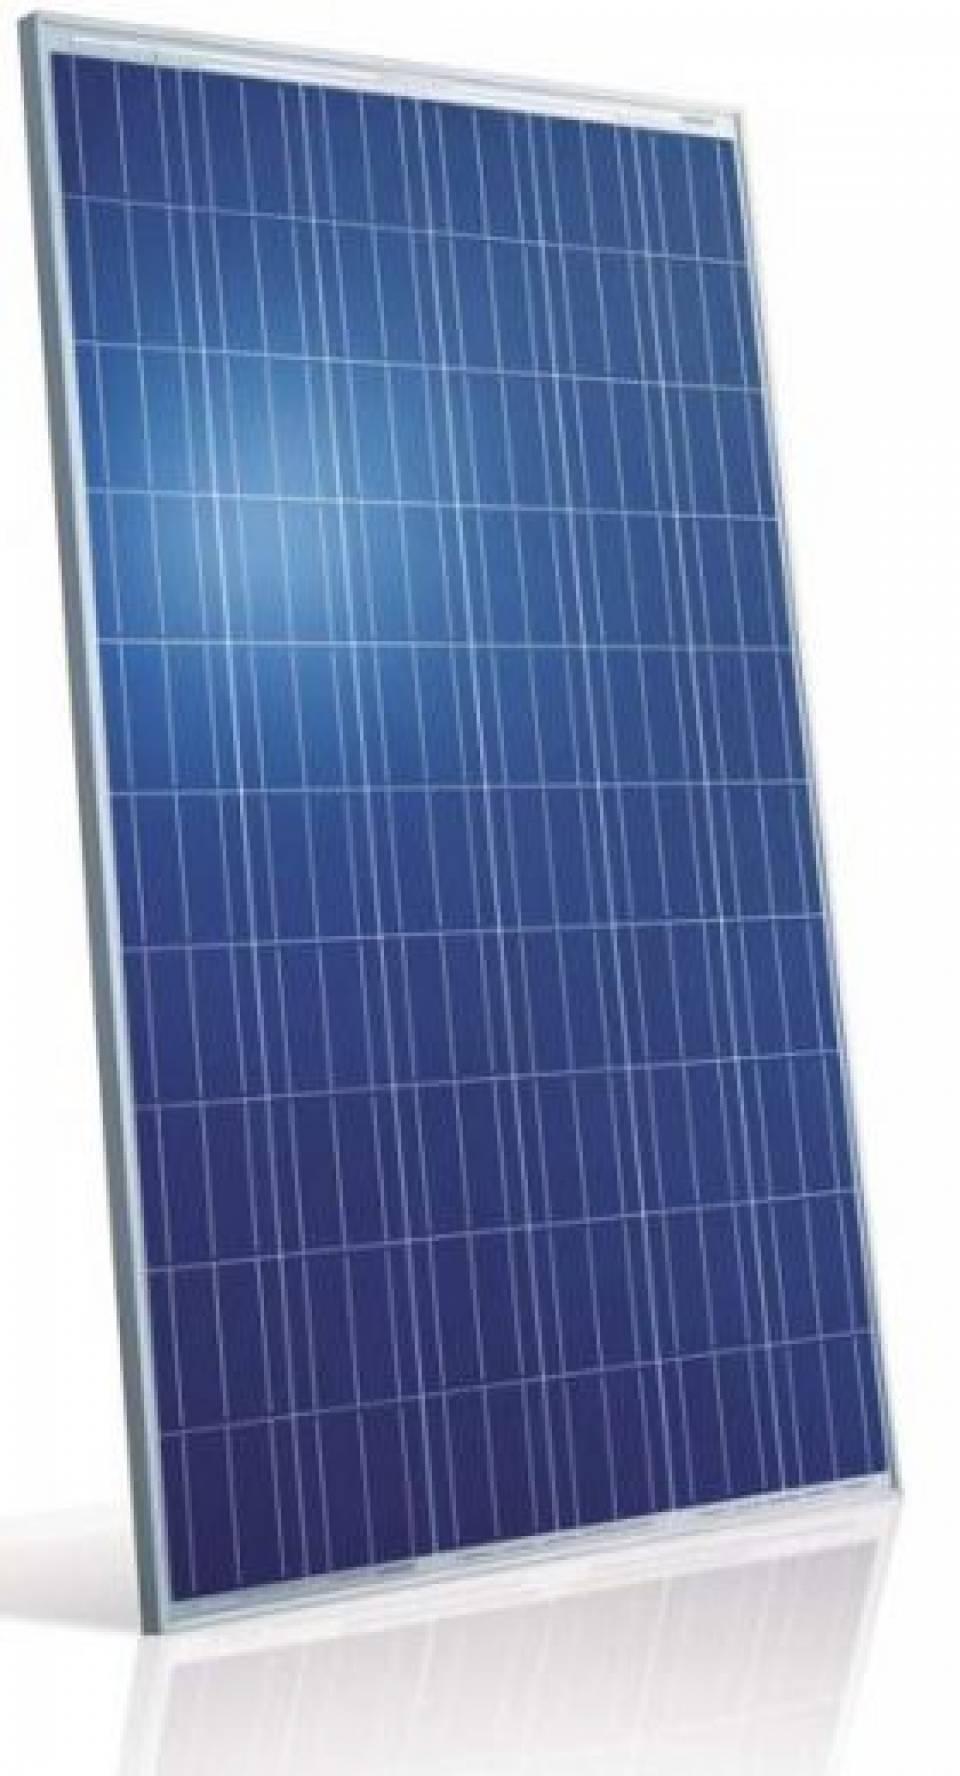 Panouri fotovoltaice policristaline37715